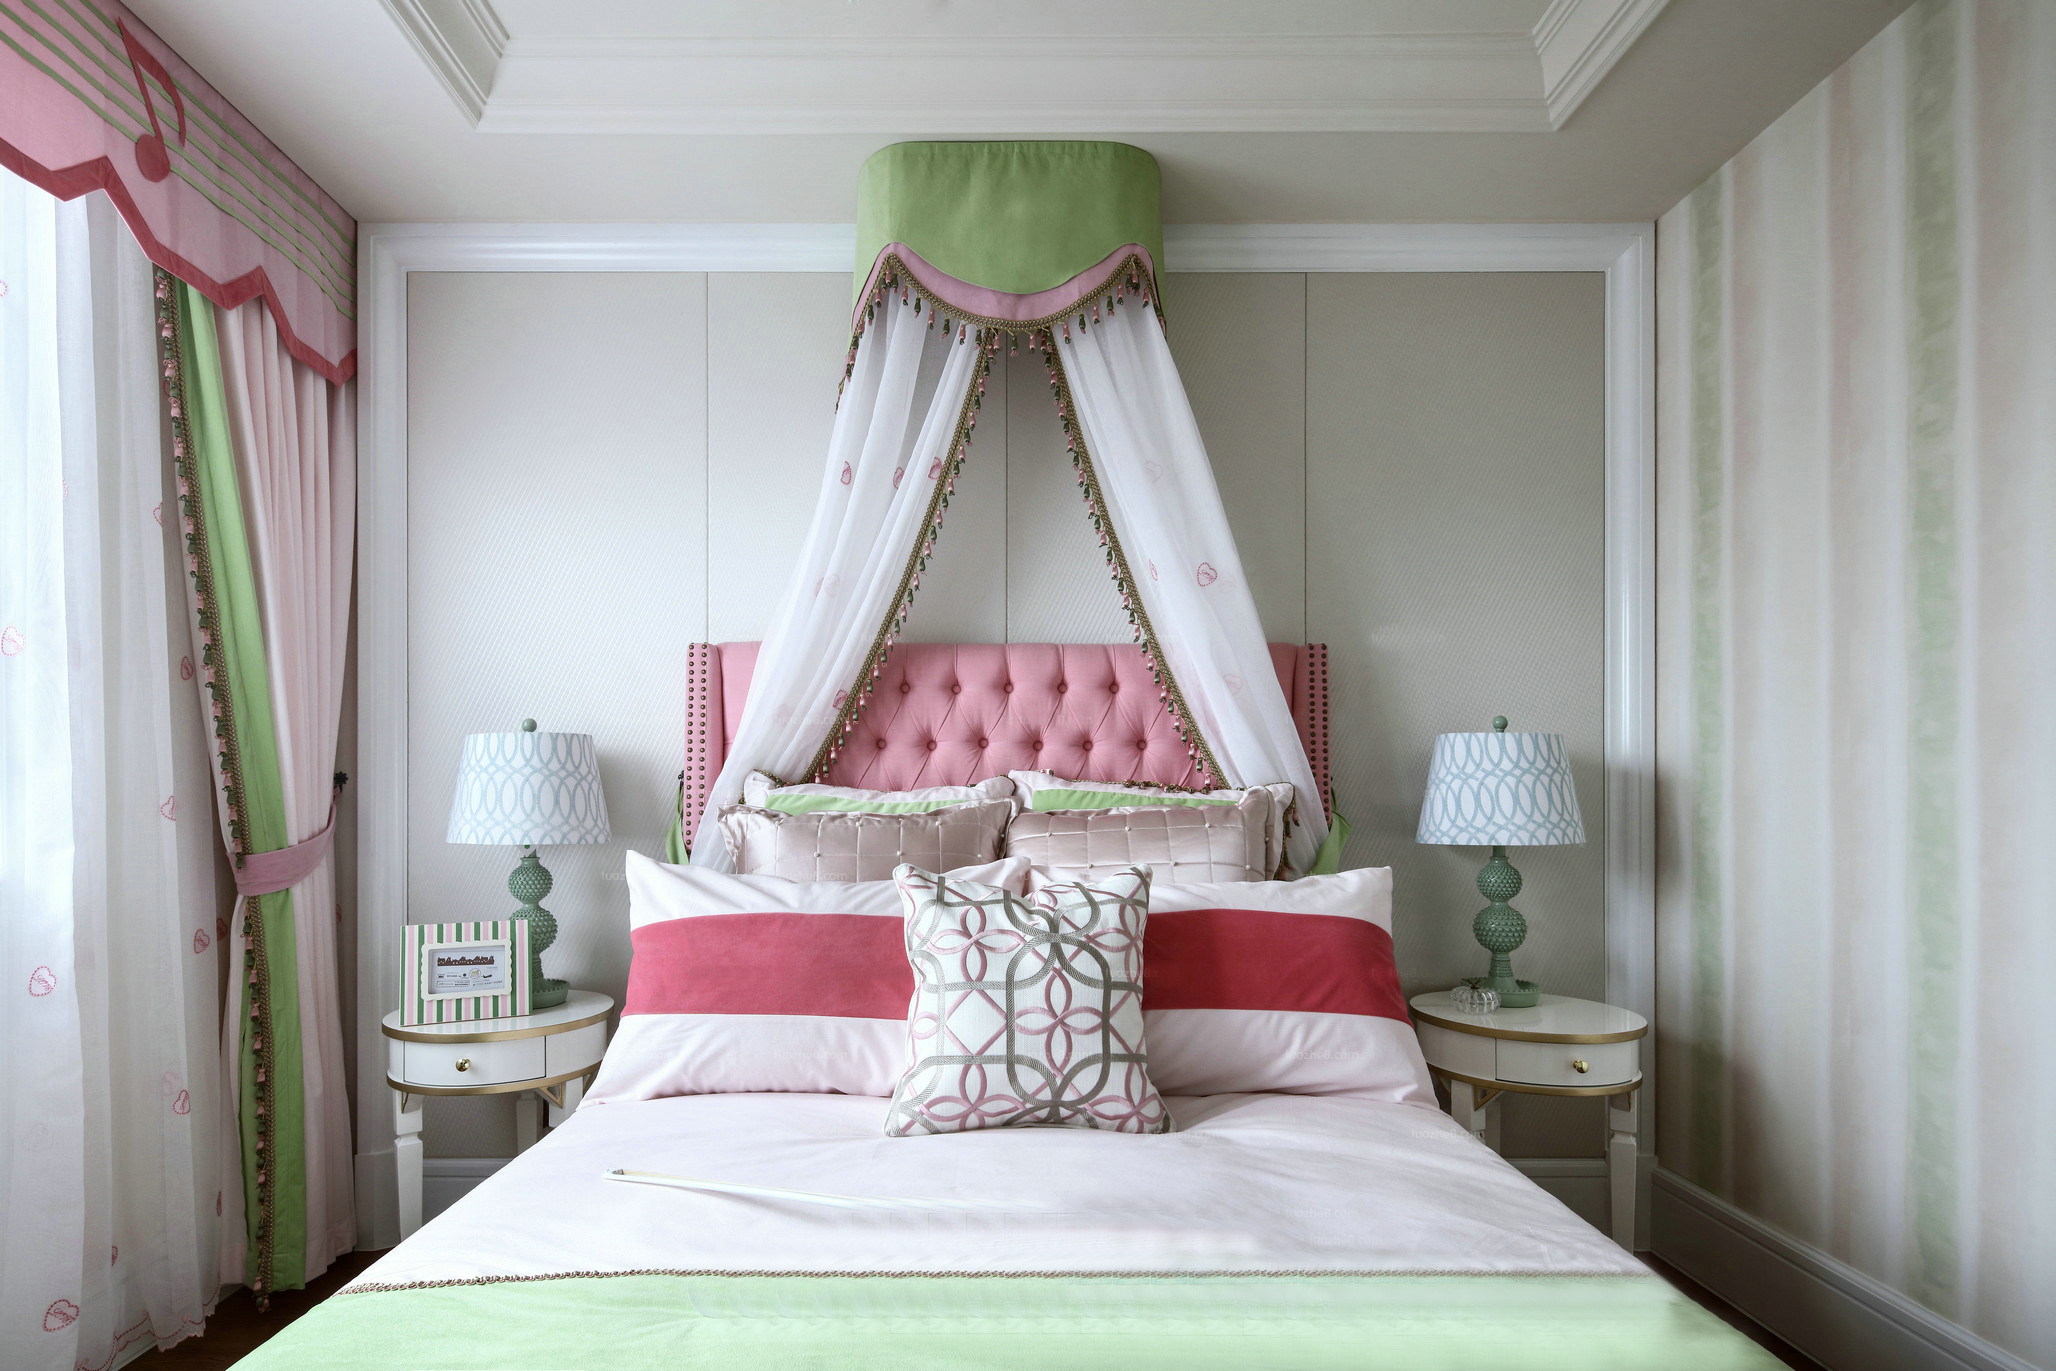 法式风格别墅女孩房装修效果图